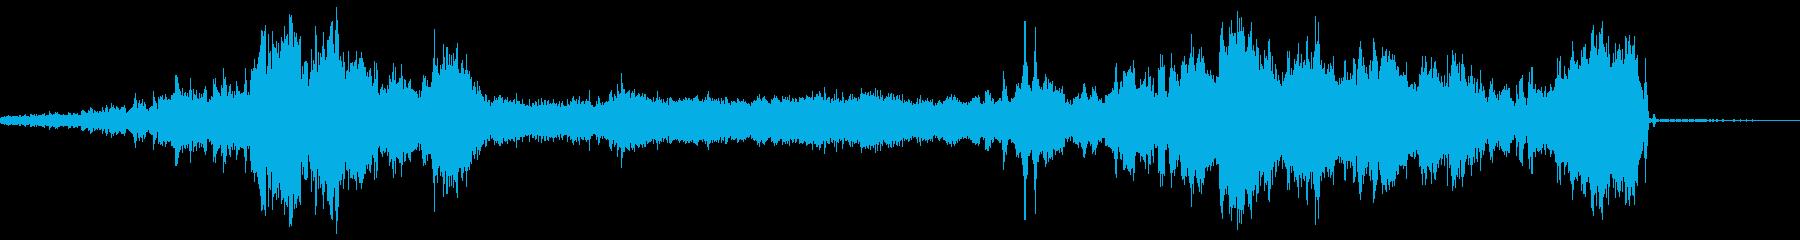 モーターバックワード、ハイピッチ、...の再生済みの波形